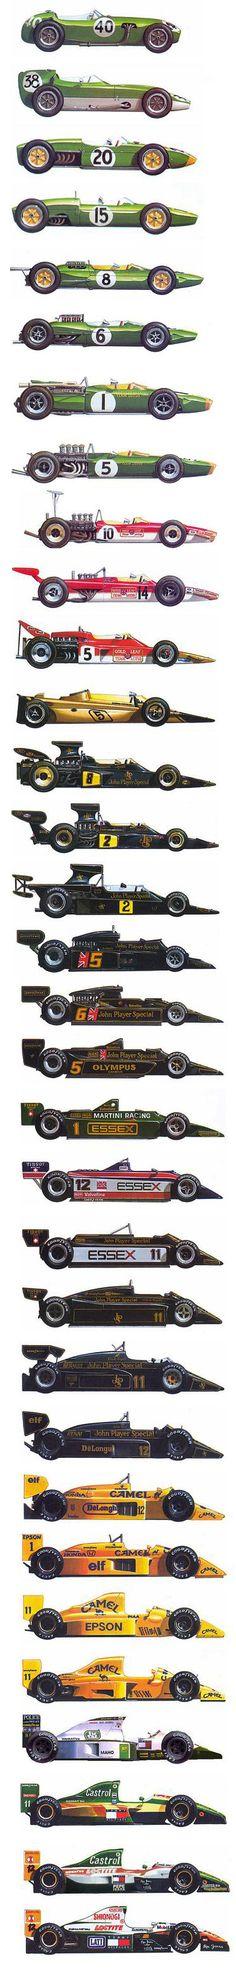 Lotus, history of Formula 1